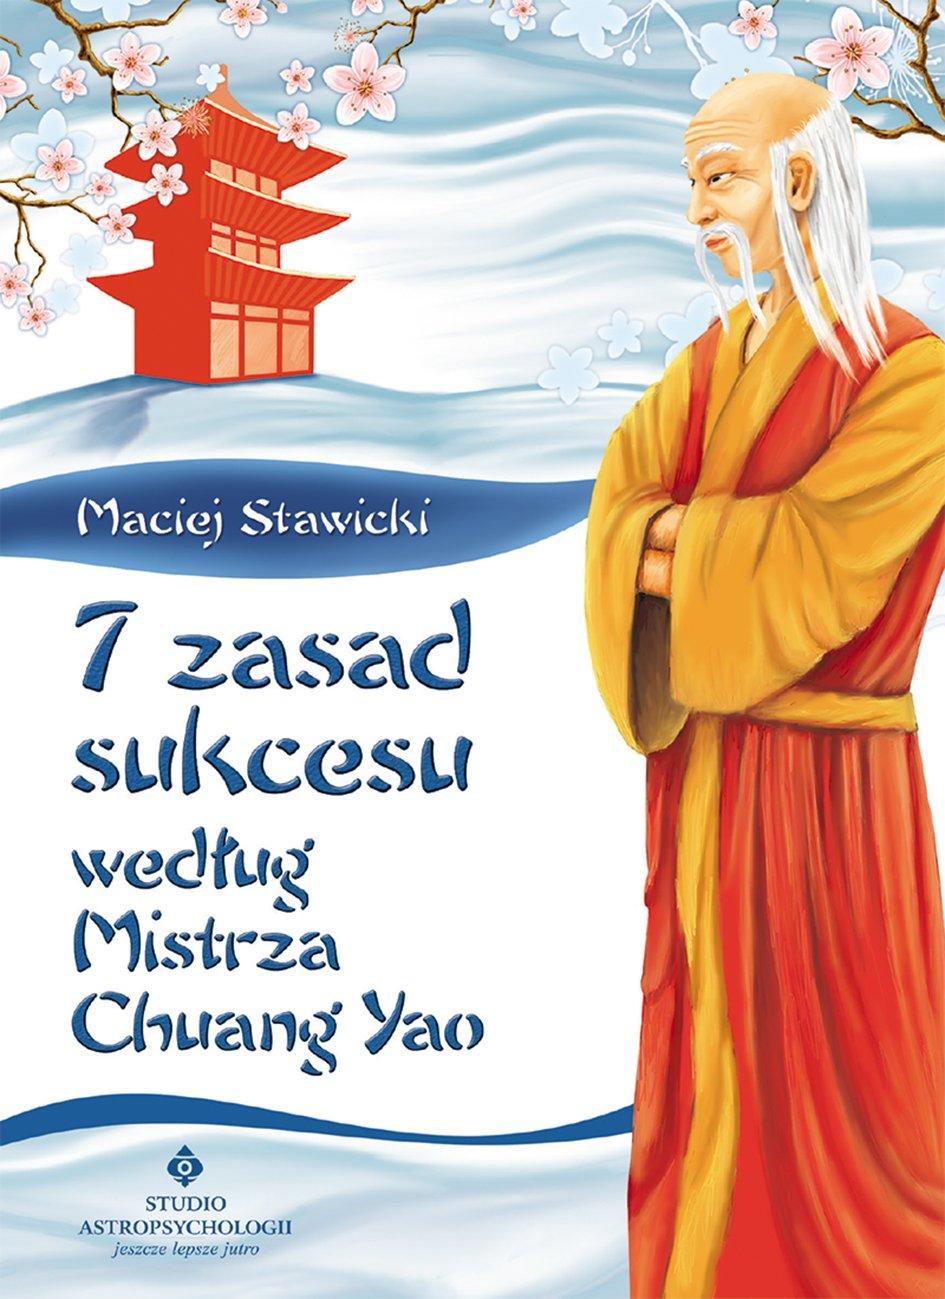 7 zasad sukcesu według Mistrza Chuang Yao - Ebook (Książka PDF) do pobrania w formacie PDF